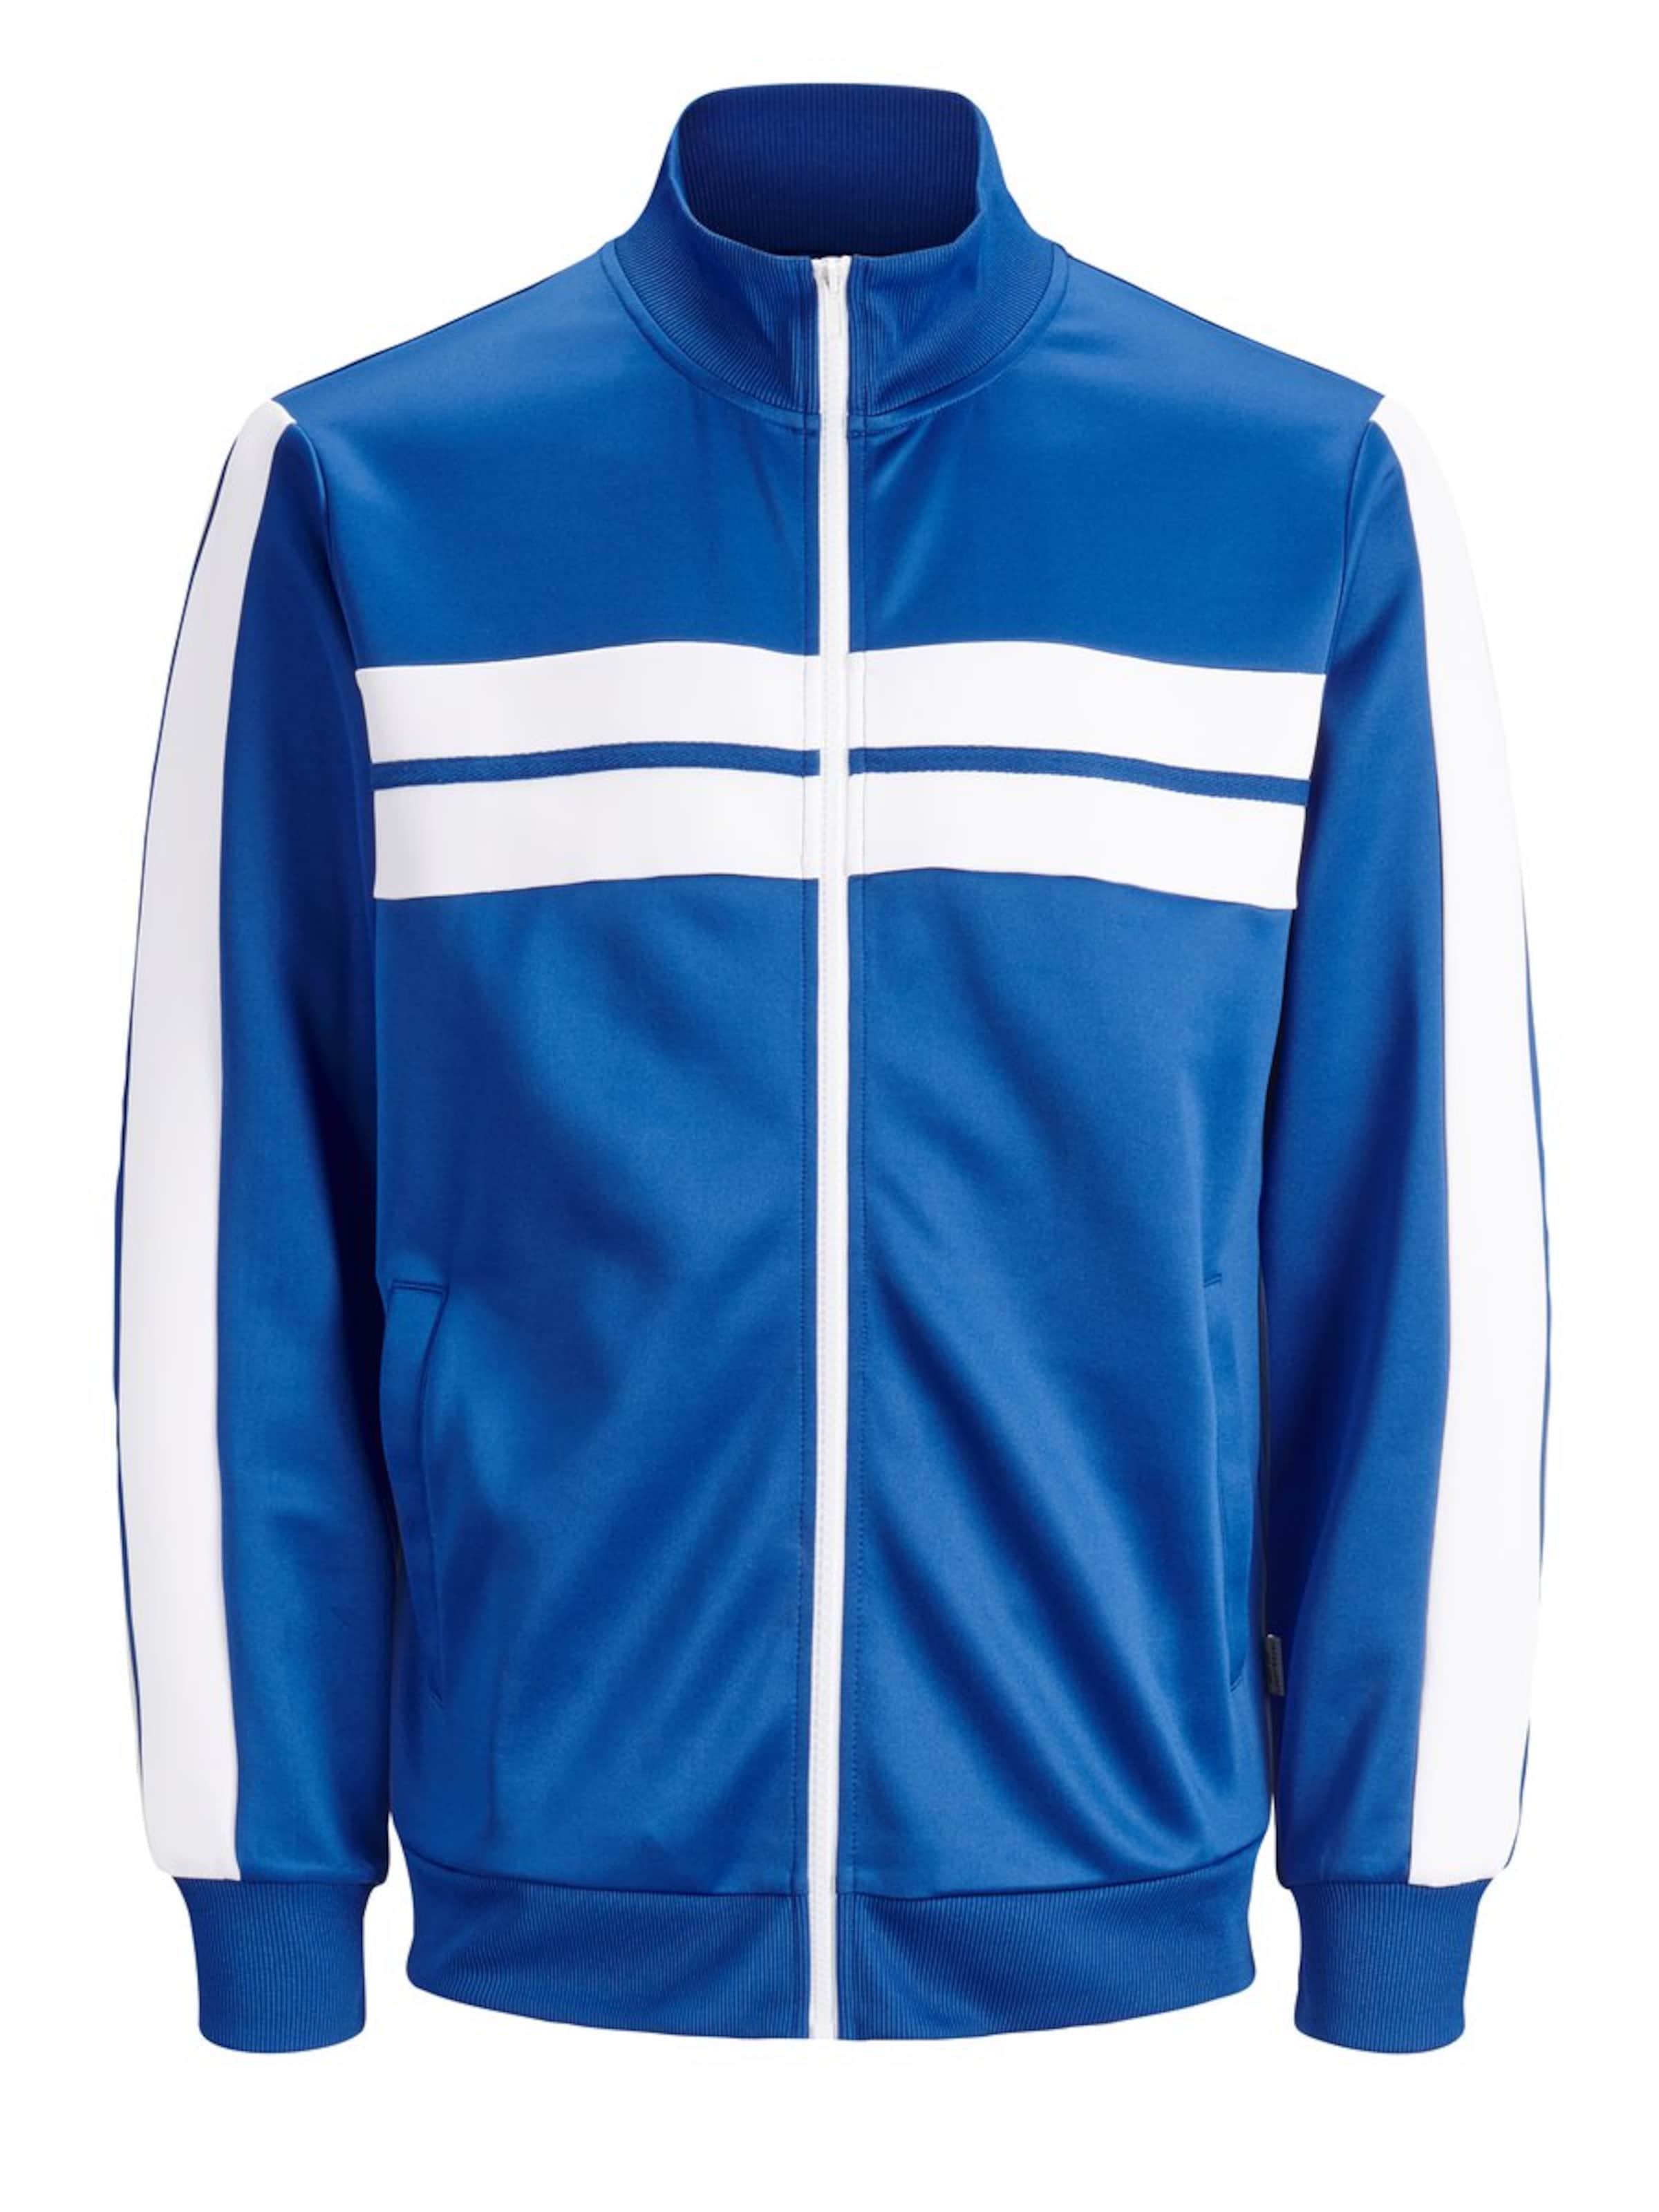 BlauWeiß Sweatshirt Retro Jones In Jackamp; yN8nv0OmPw